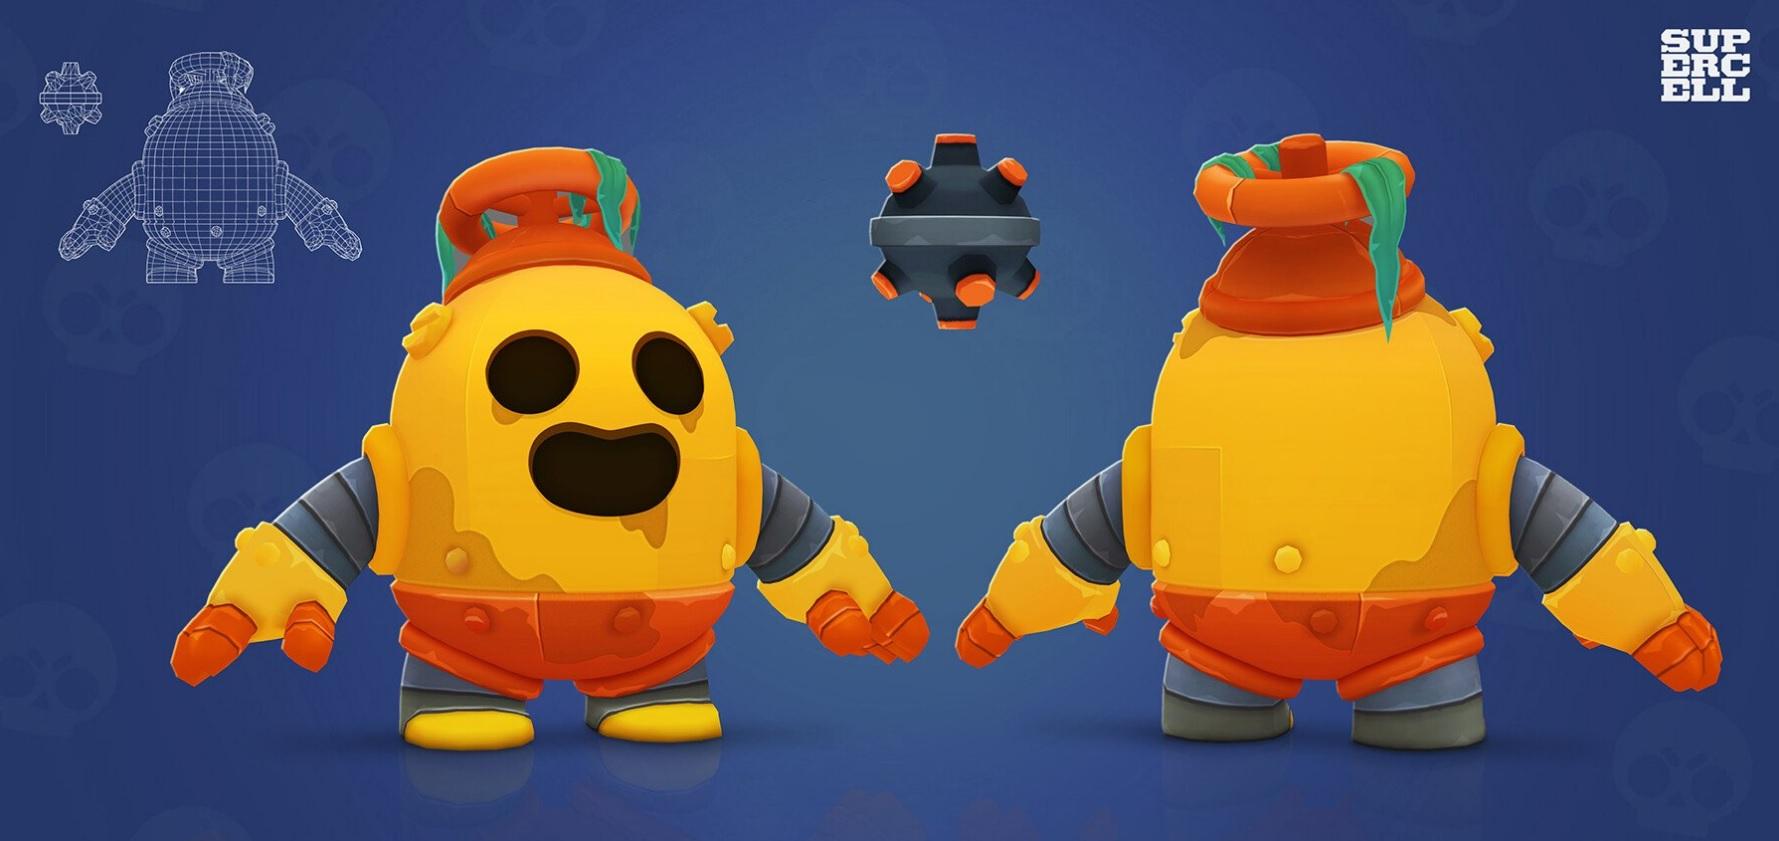 Robot Spike